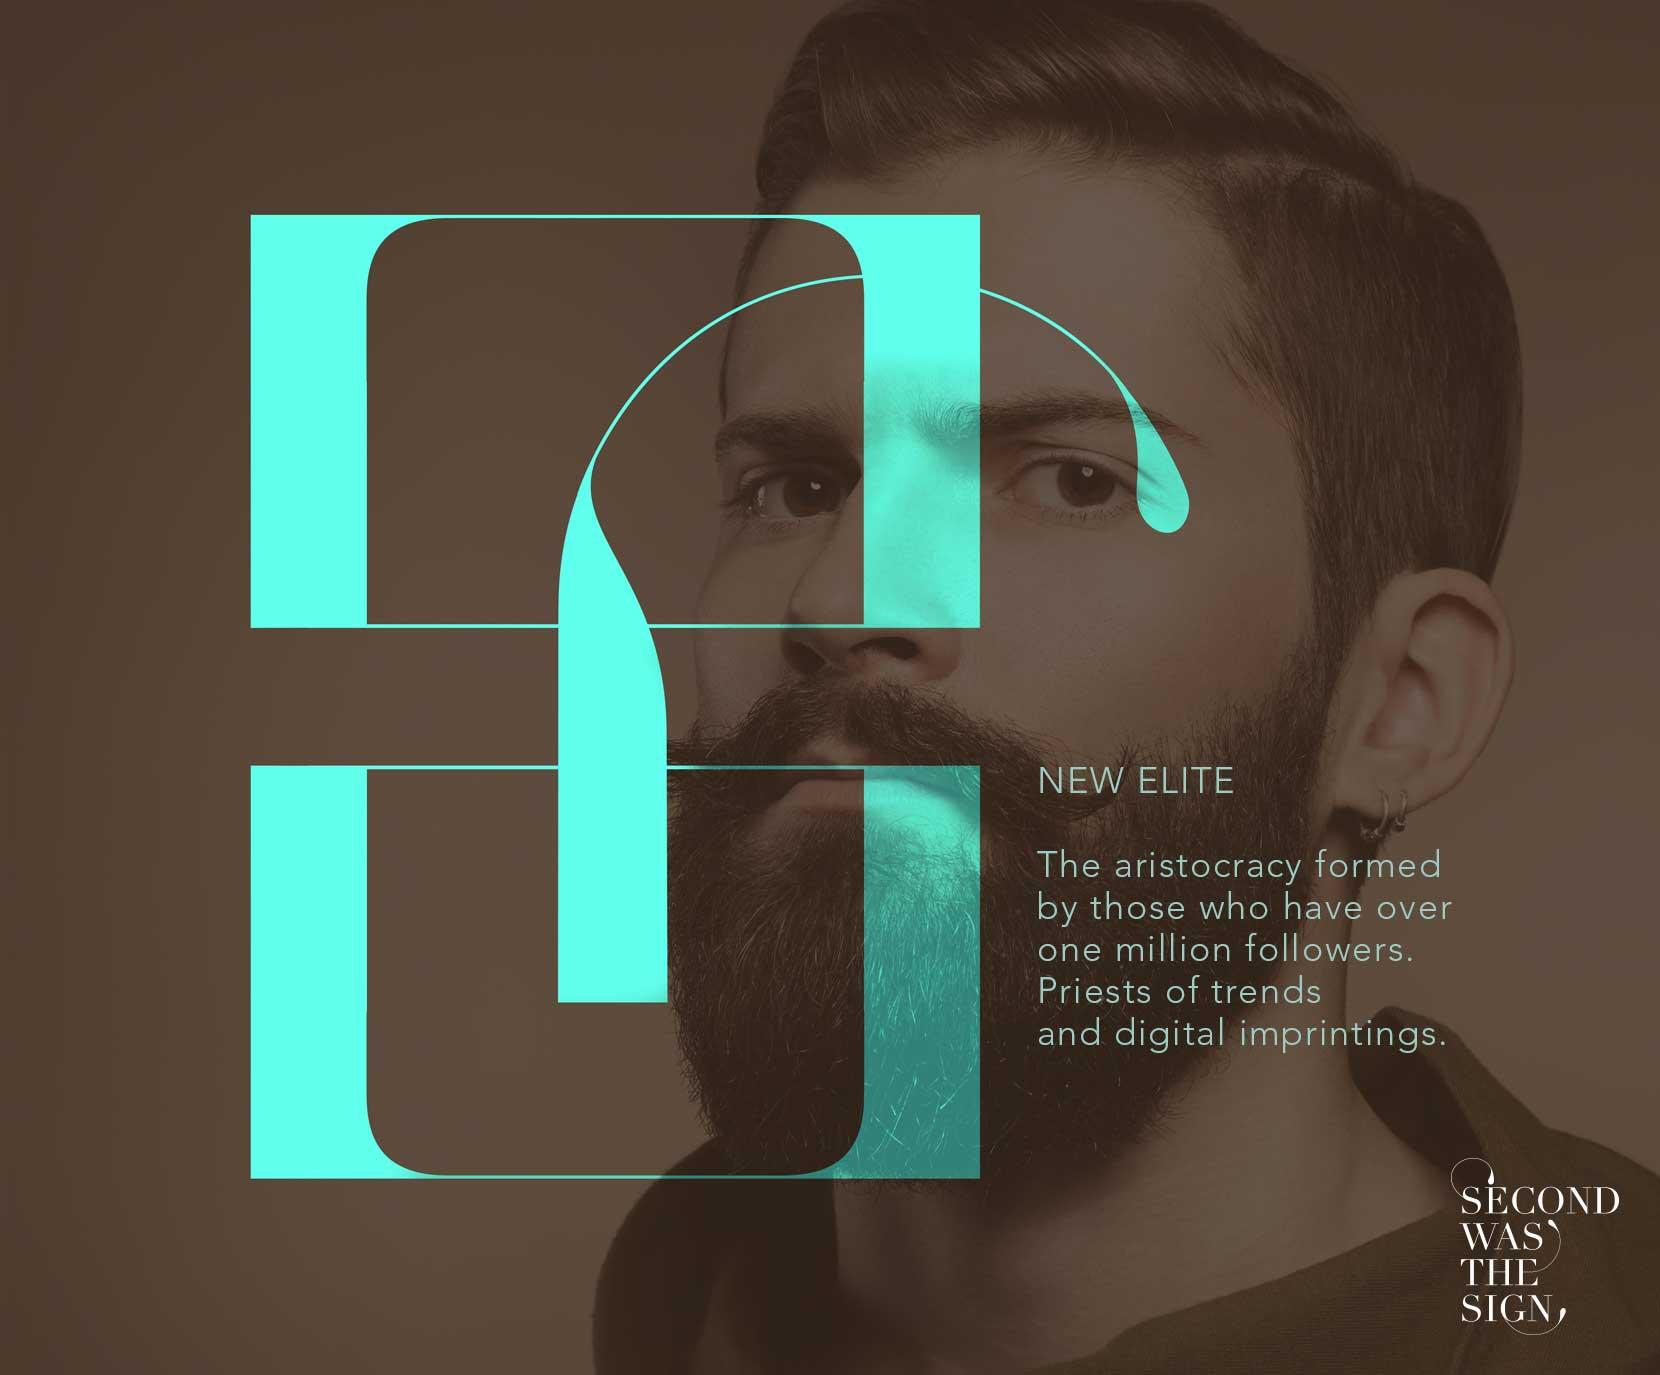 monogram-silvio-cocco-graphic-design-1